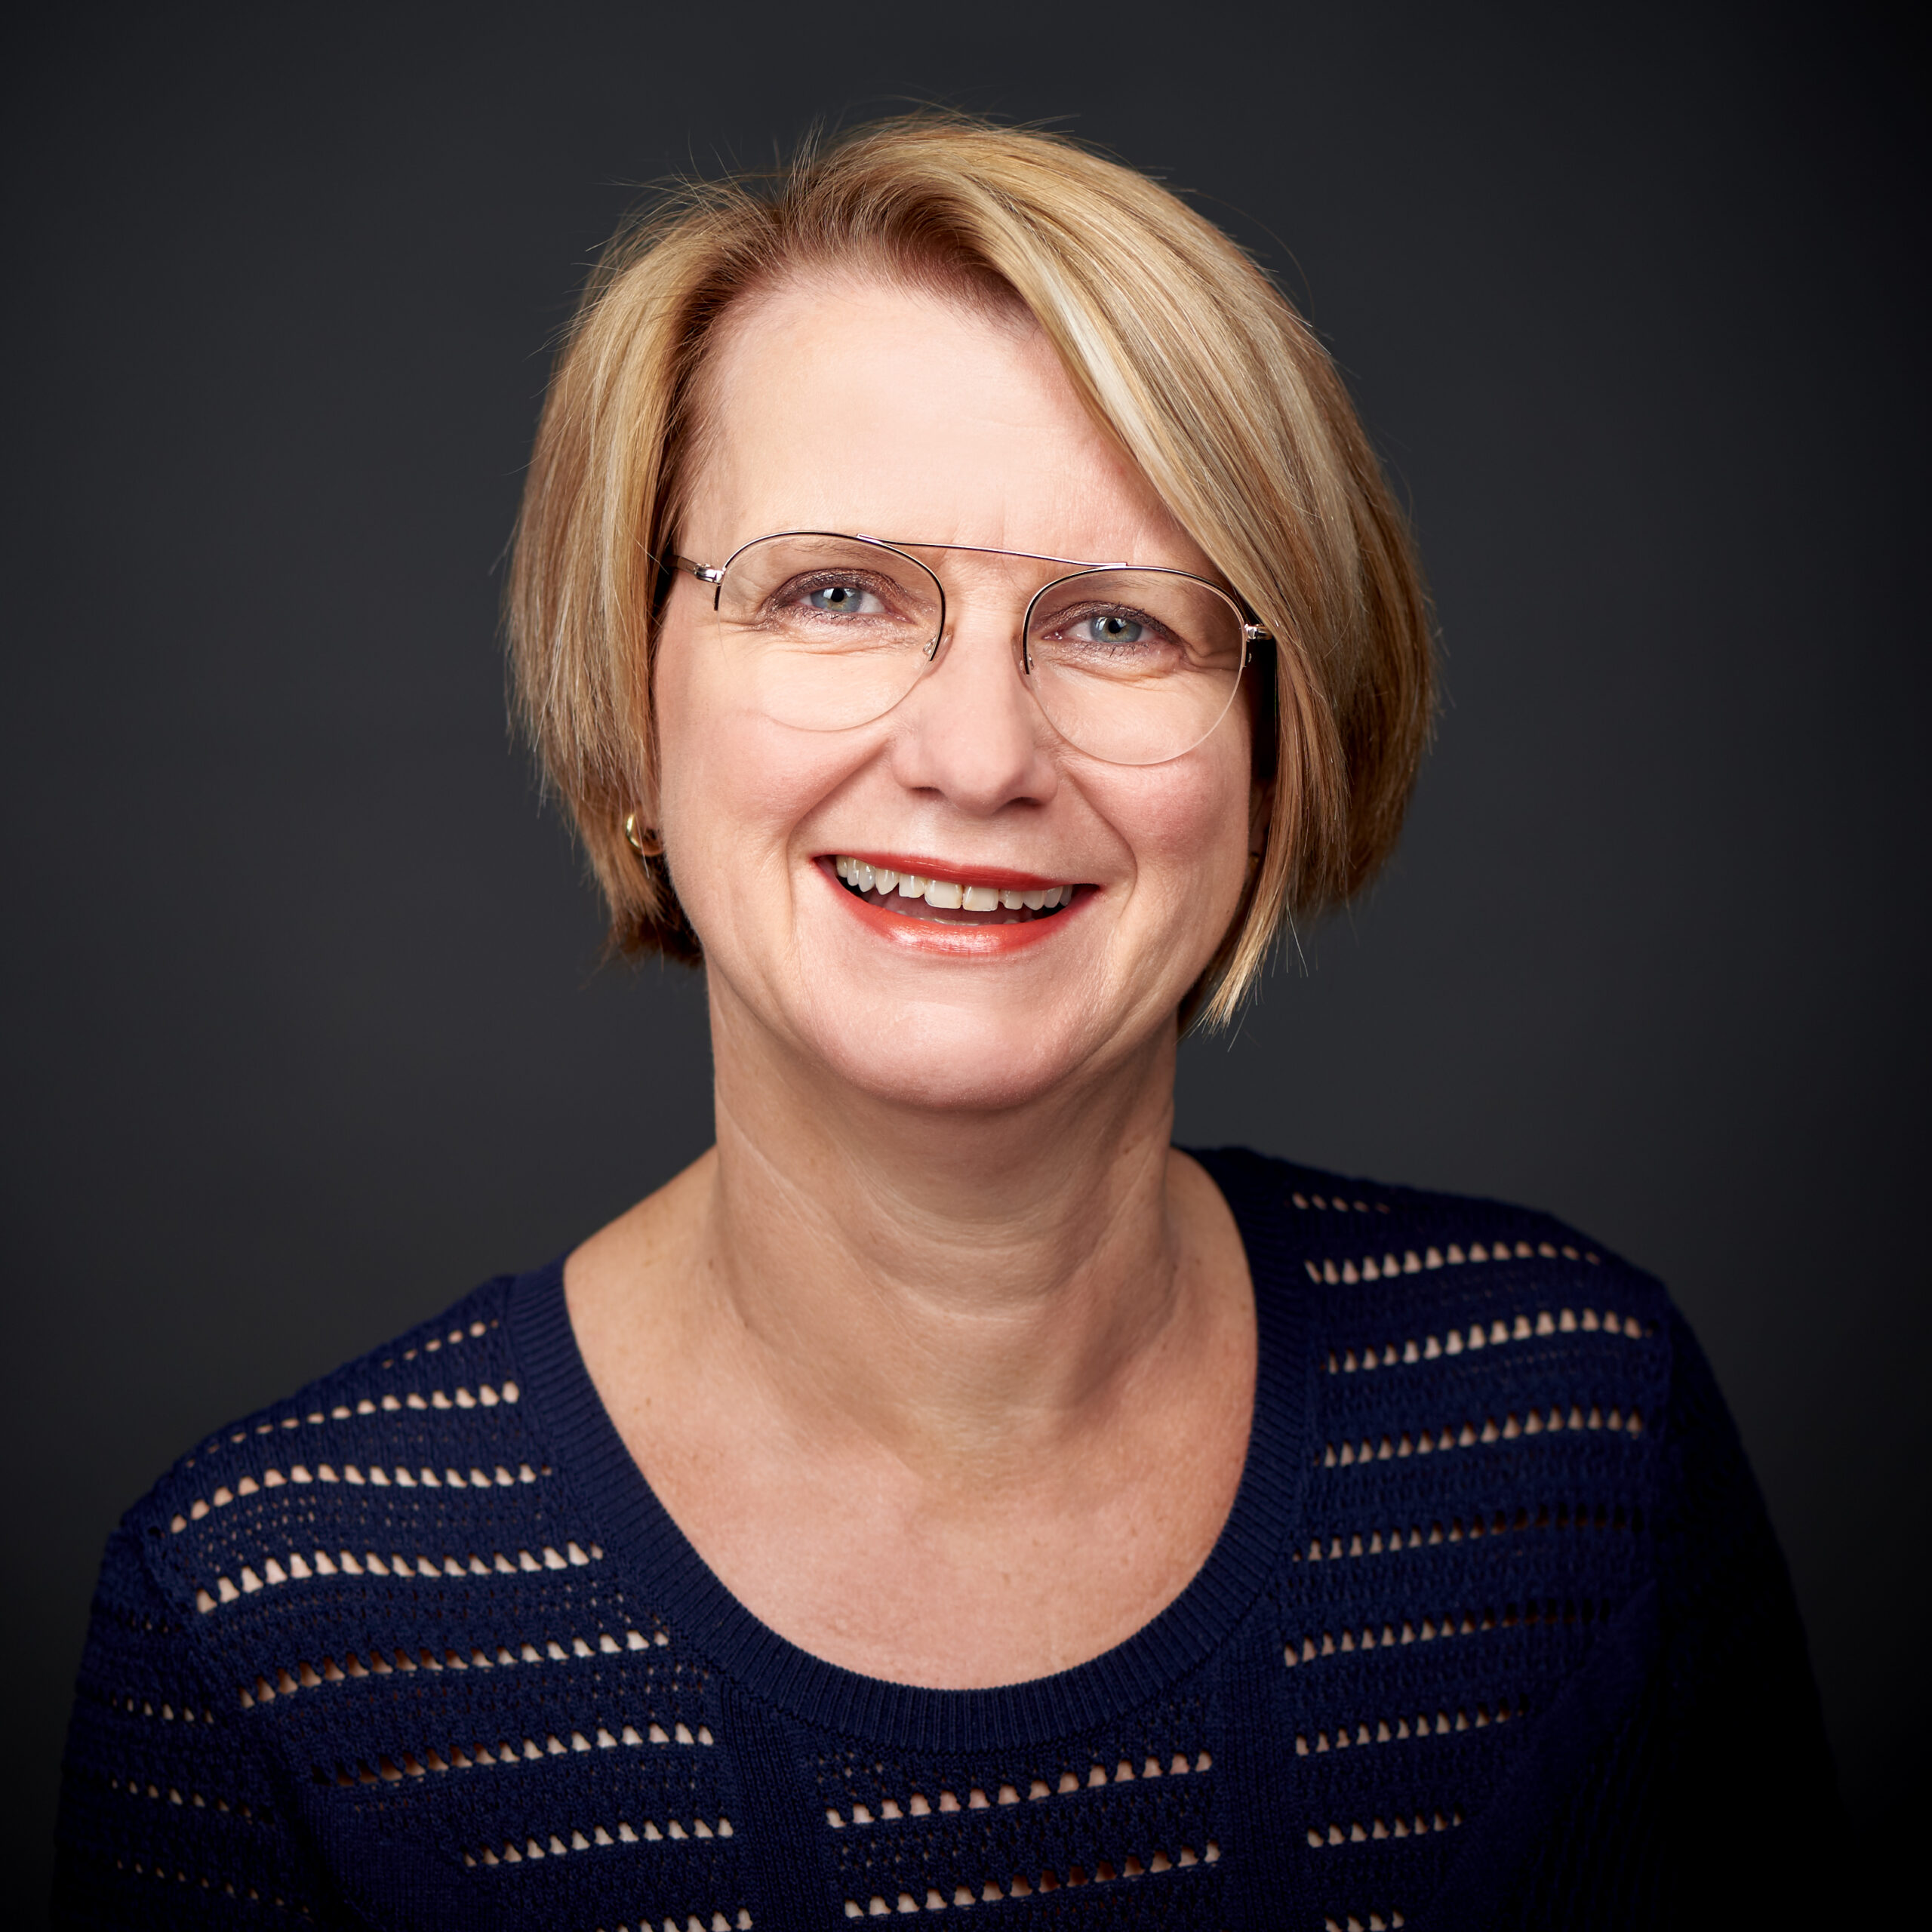 Ingrid Widdershoven